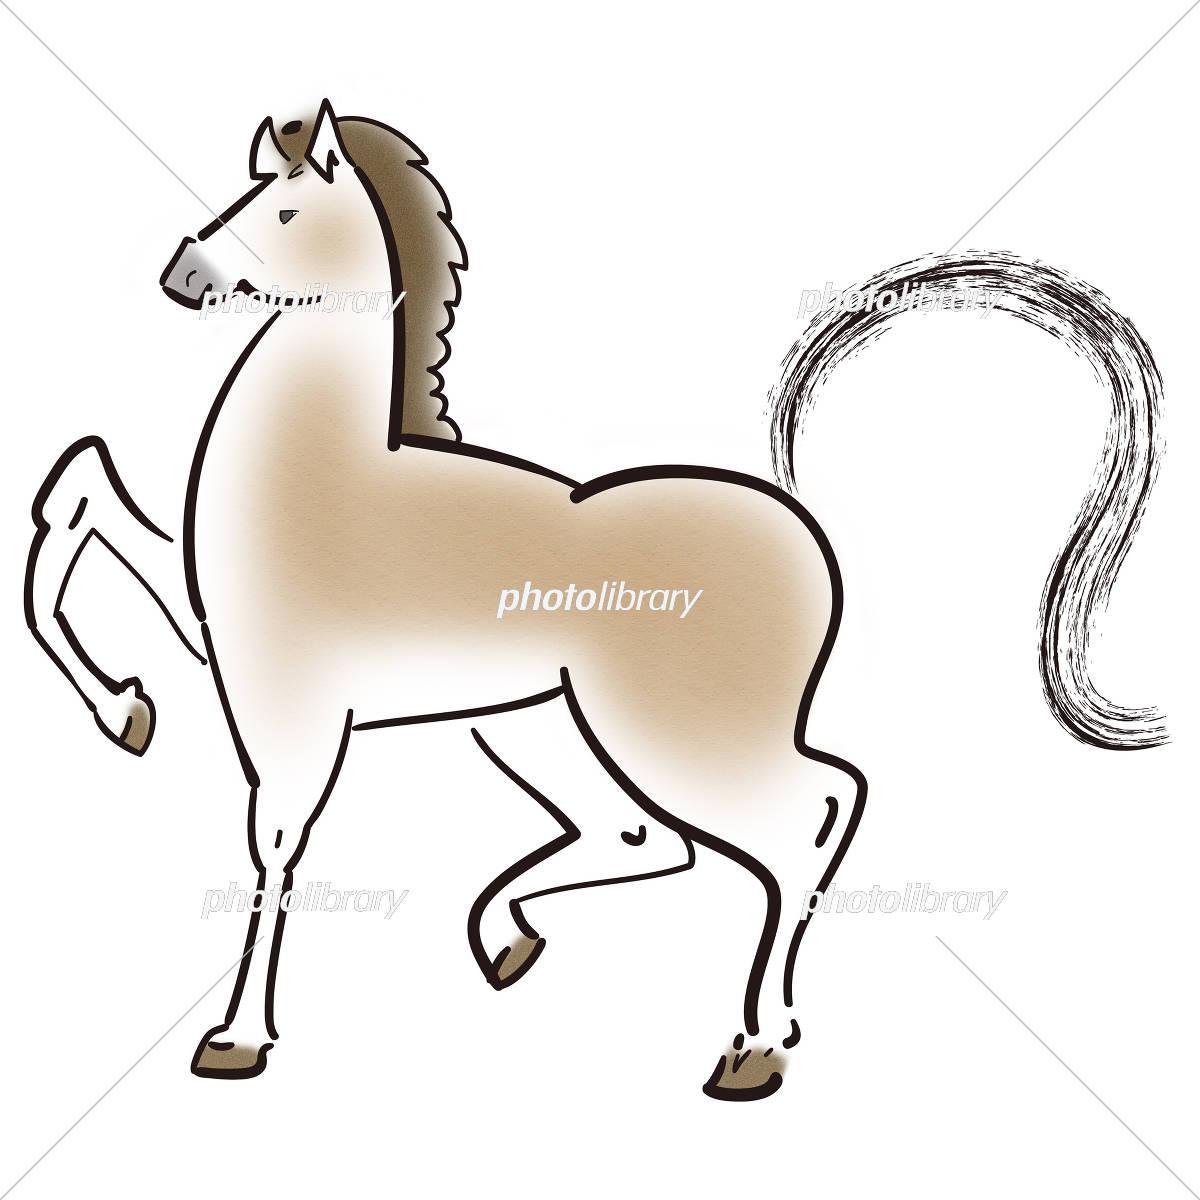 馬のイラスト イラスト素材 フォトライブラリー Photolibrary